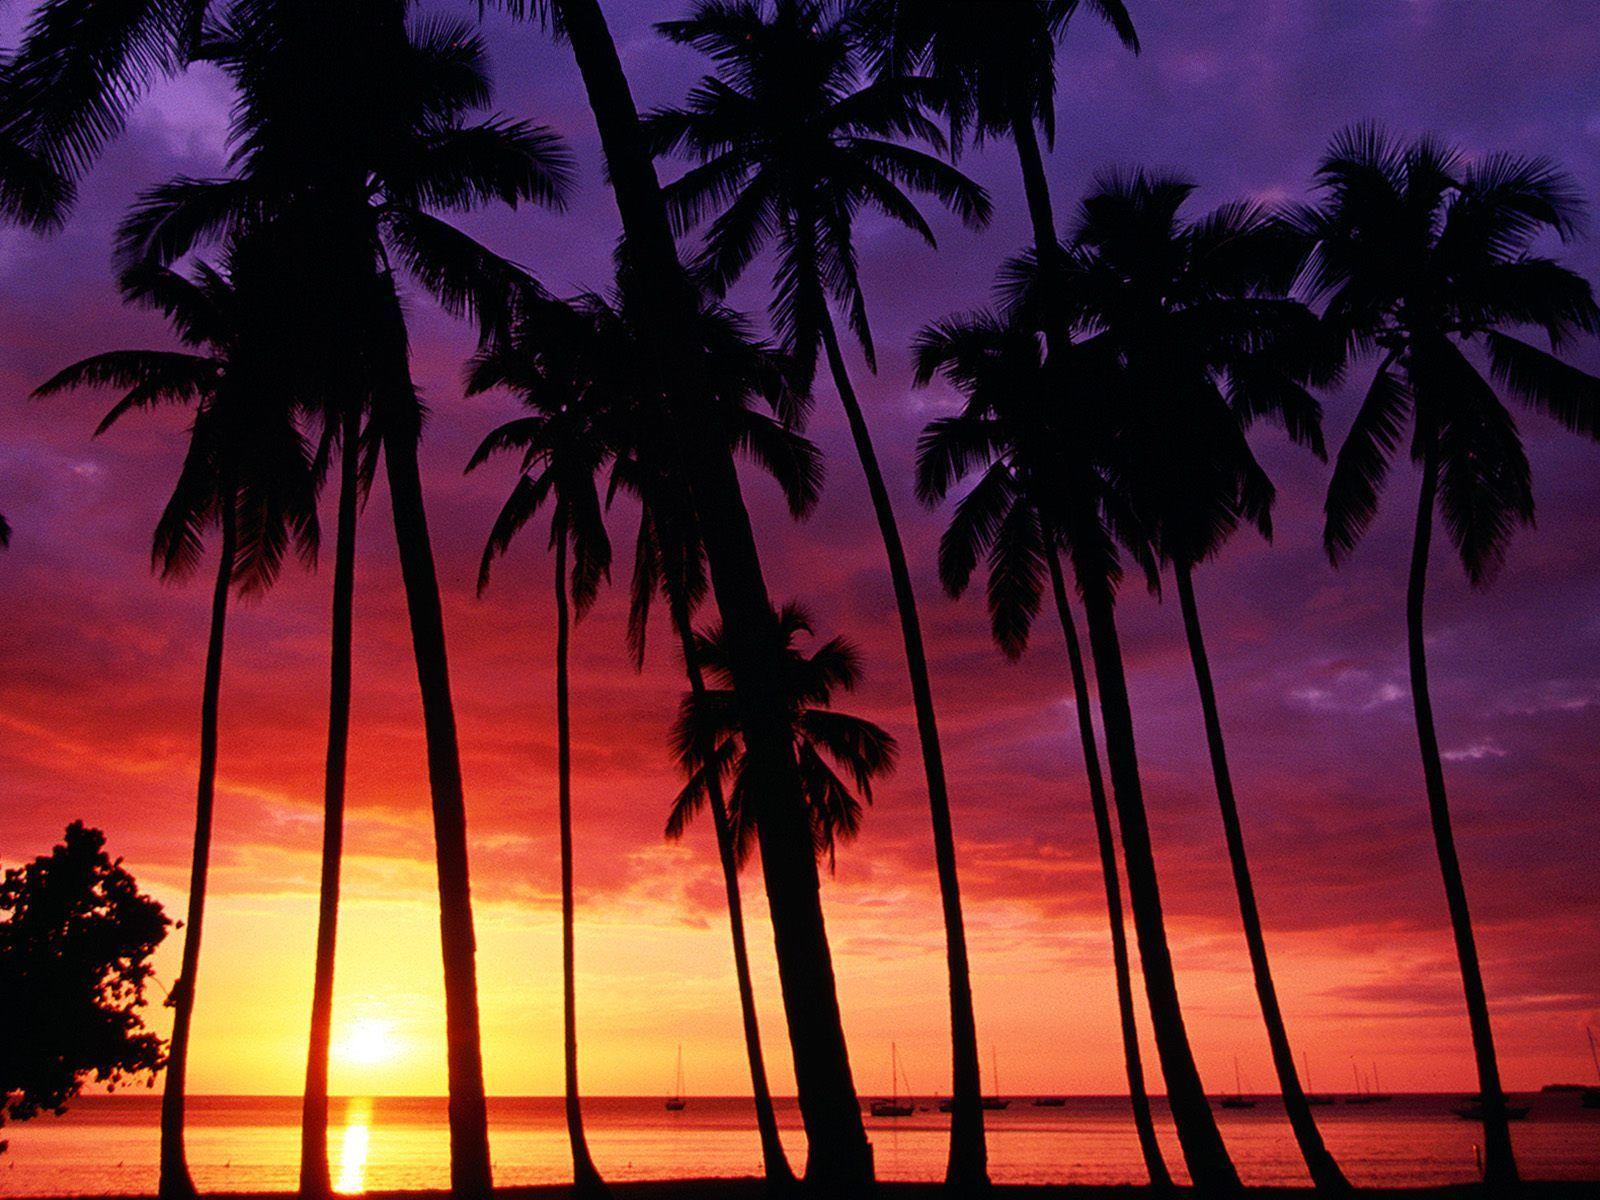 Beach Sunset Wallpaper 1600x1200